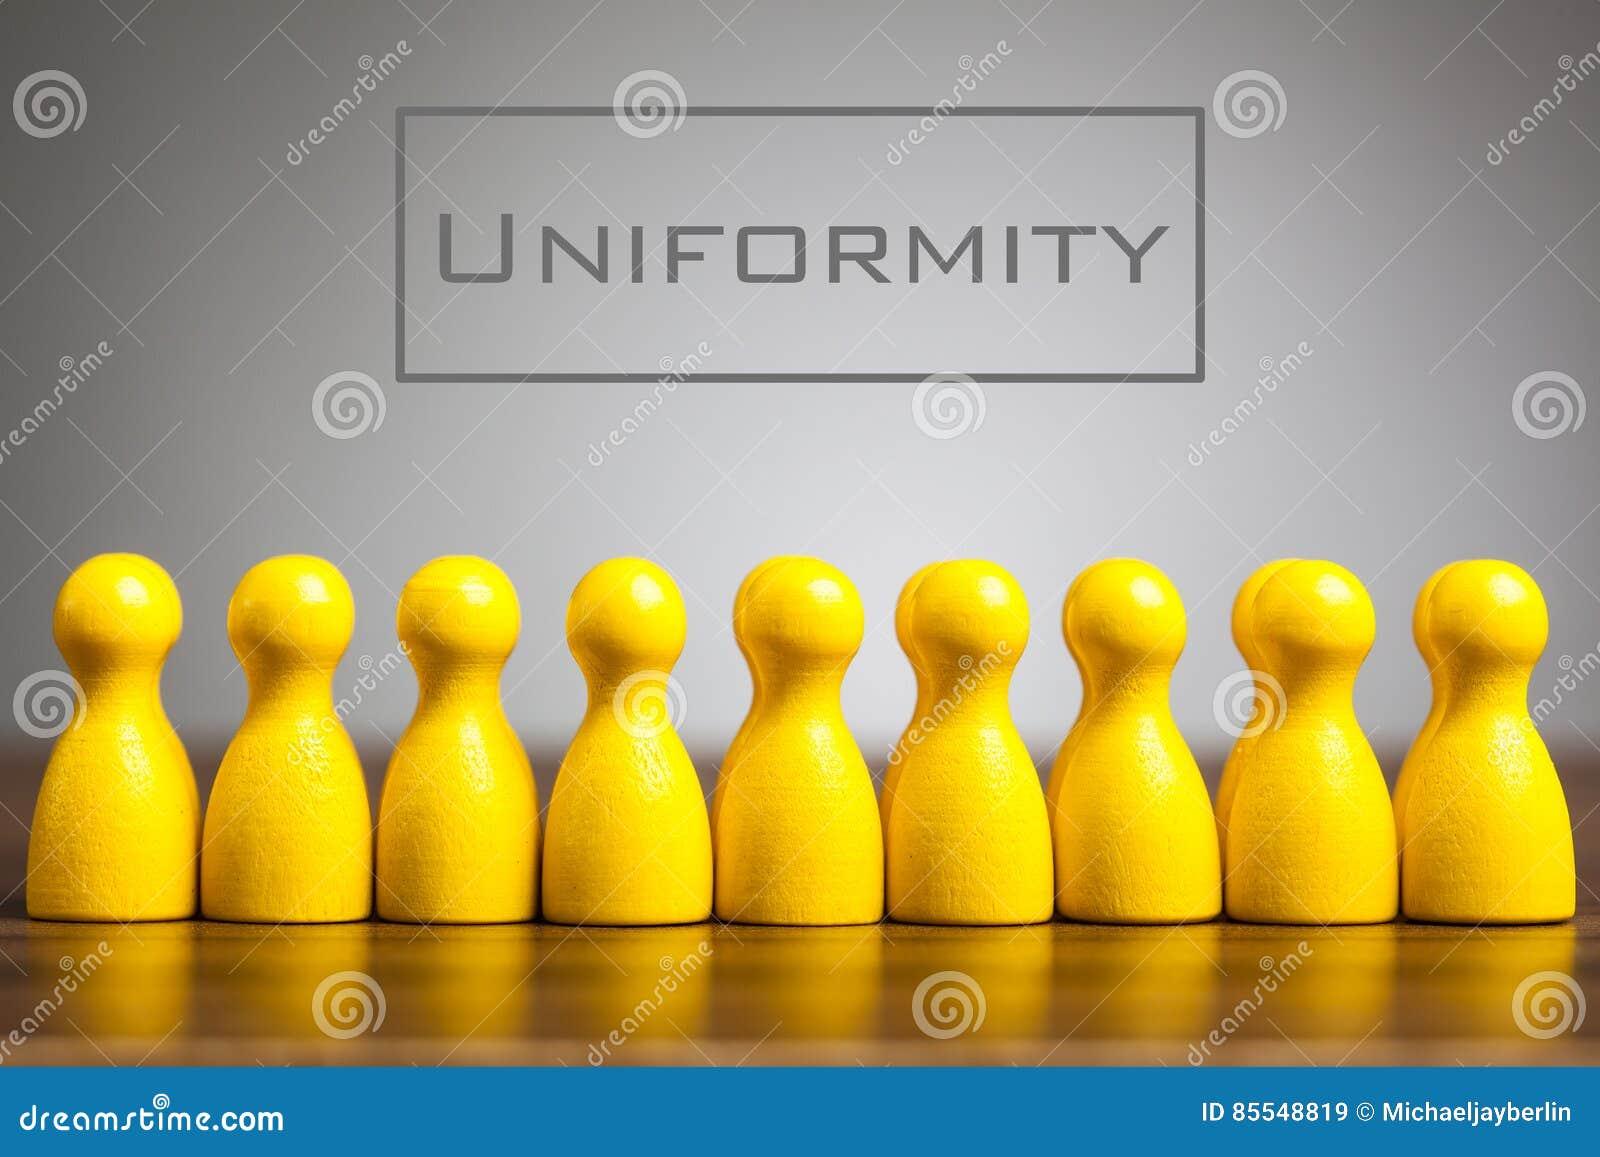 Concetto di uniformità con le figurine del pegno sulla tavola,